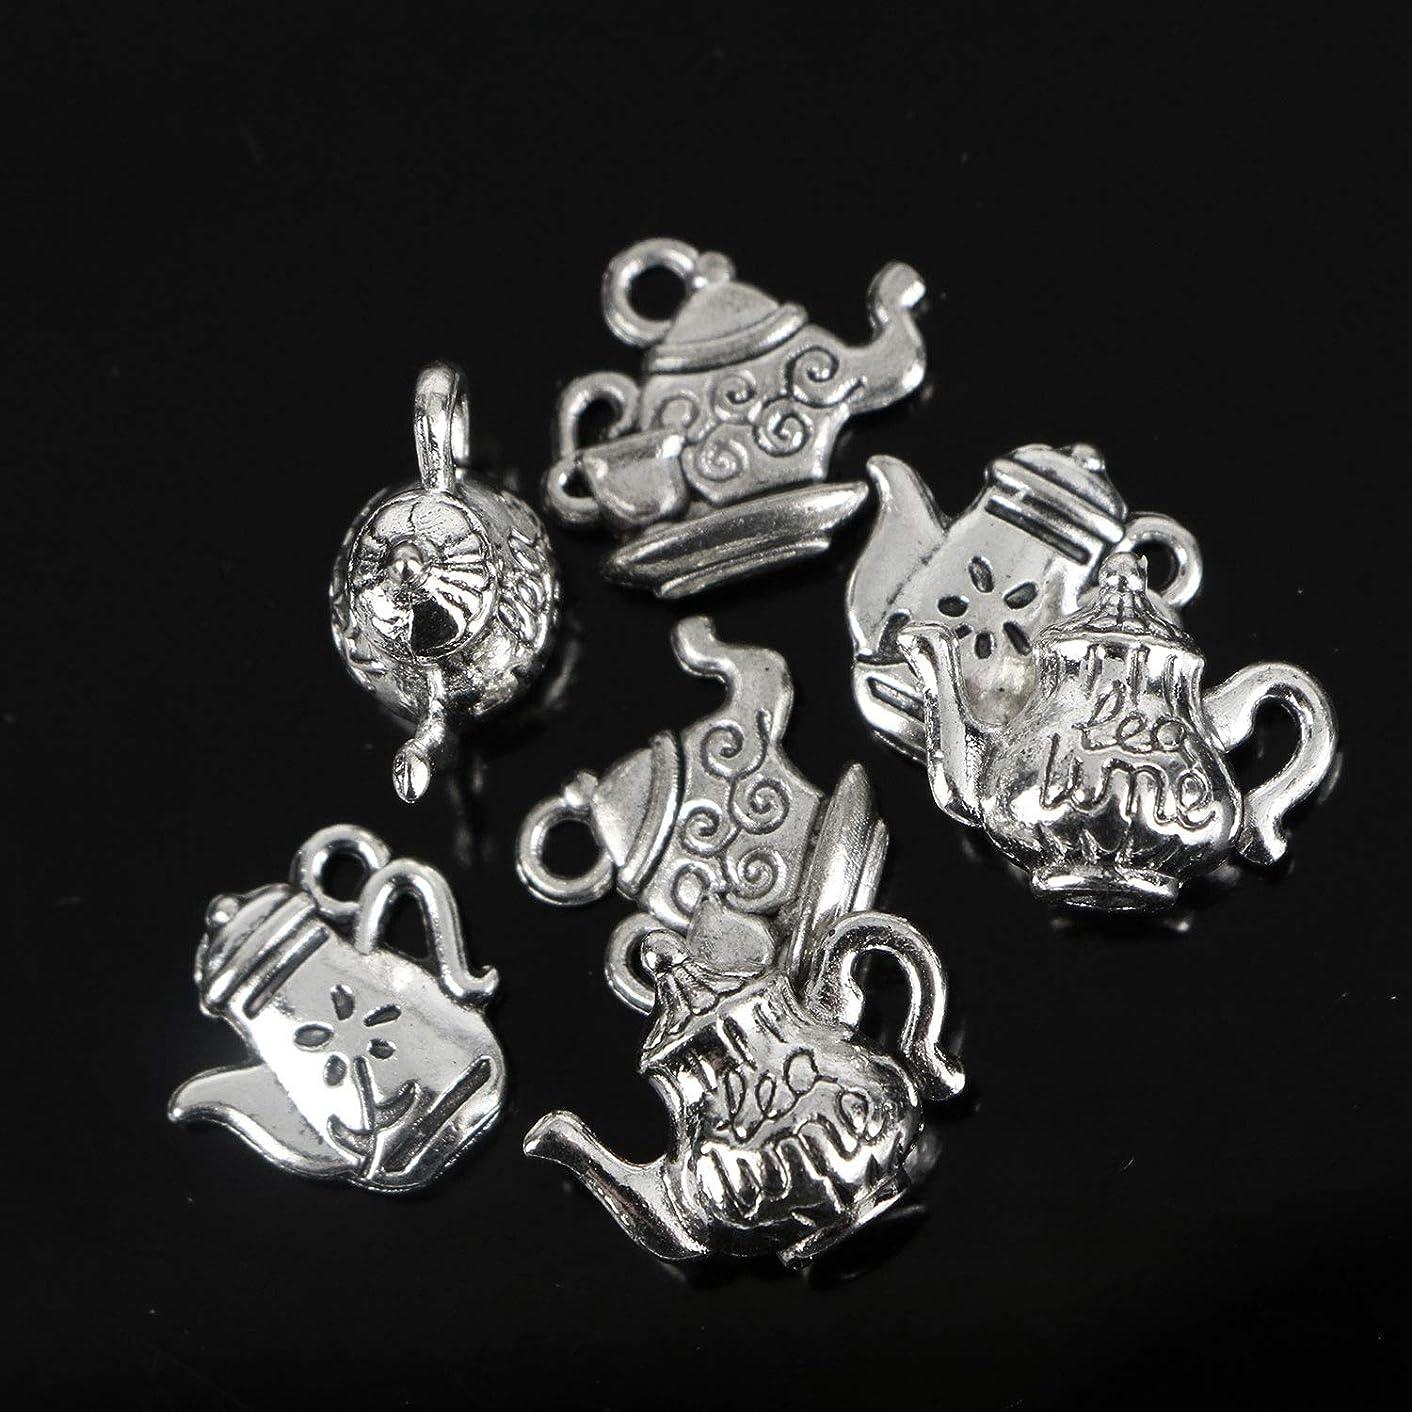 Monrocco 60 pcs Teapot Charms Antique Silver Kettle Pendant Charms